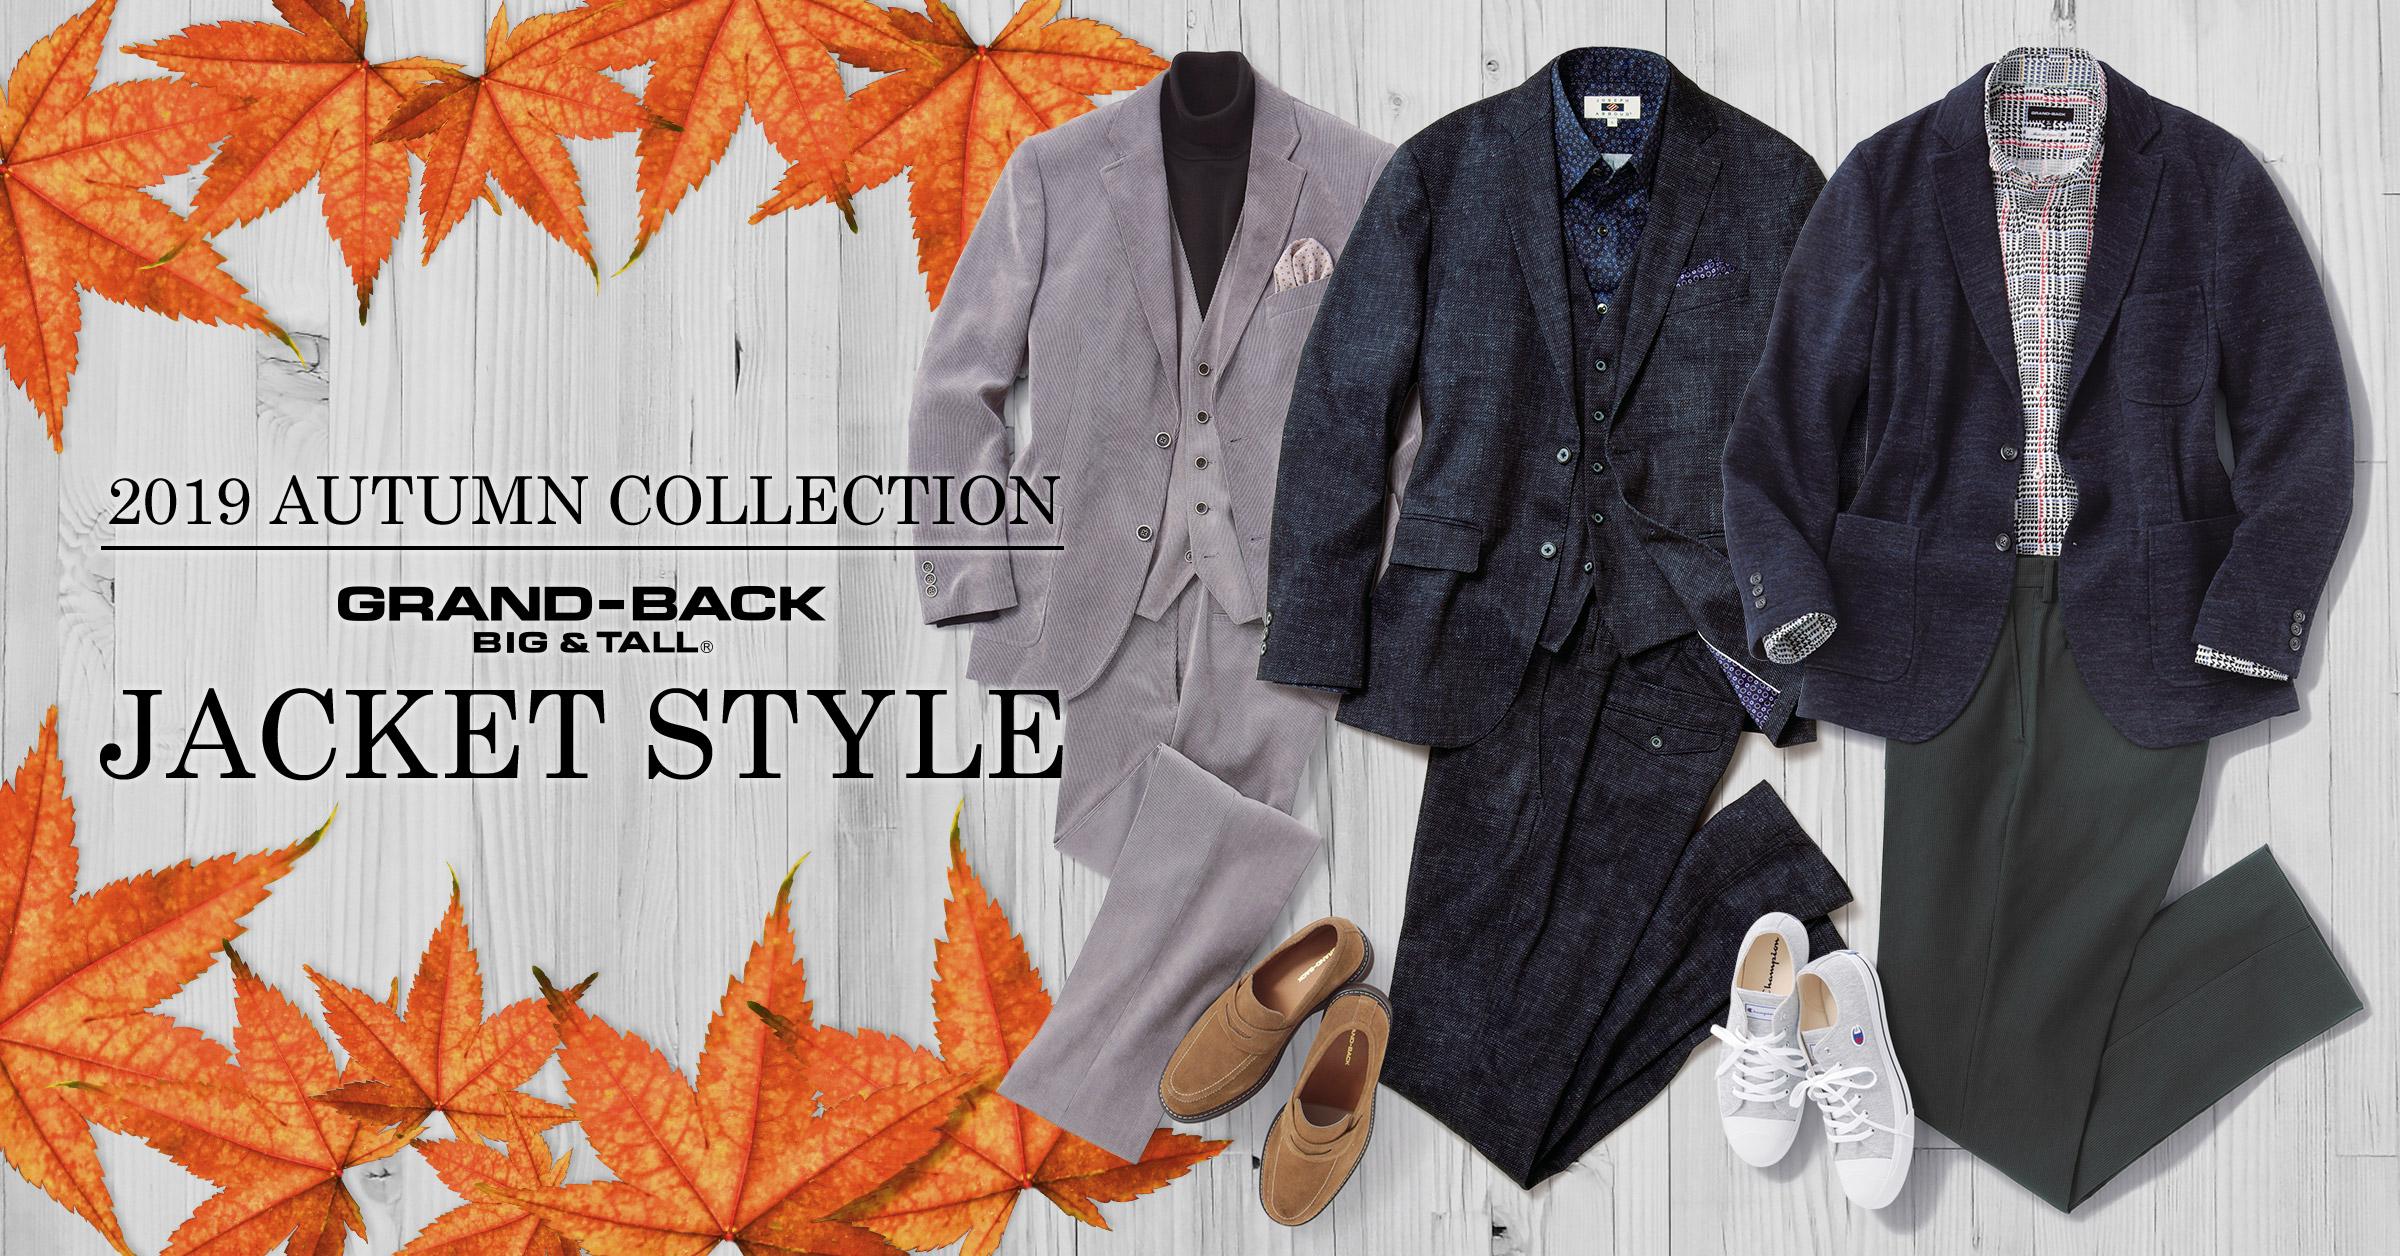 2019 Autumn Jacket style